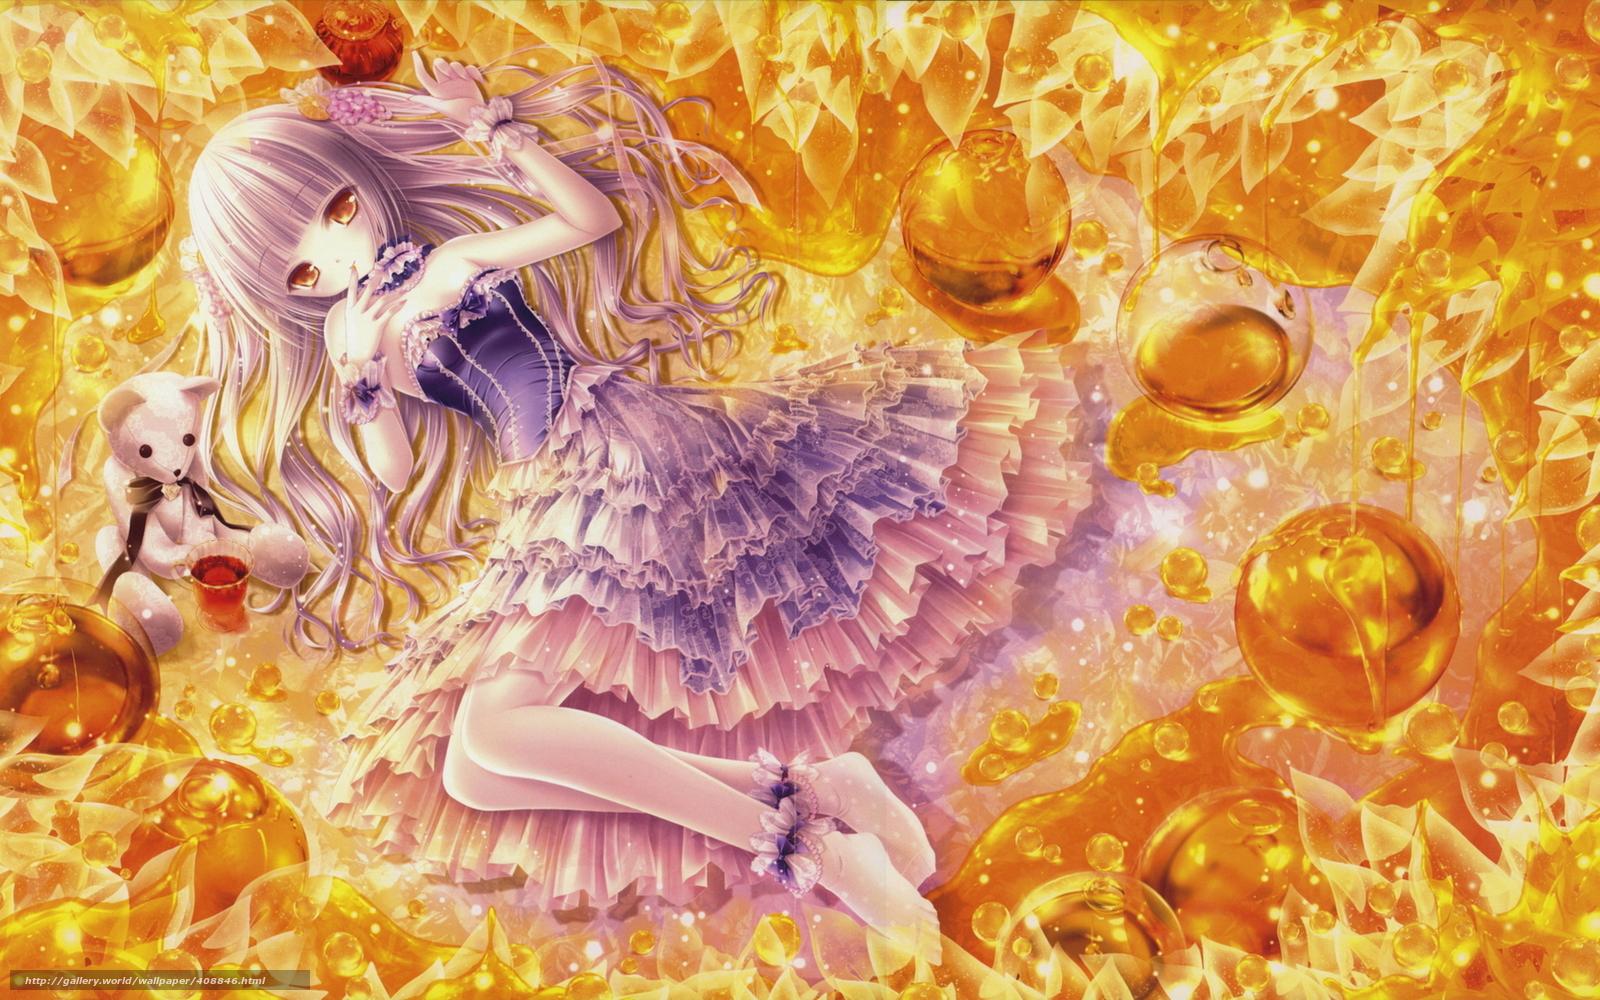 壁紙をダウンロード 日本製アニメ 芸術 女の子 蜂蜜 デスクトップの解像度のための無料壁紙 1680x1050 絵 408846